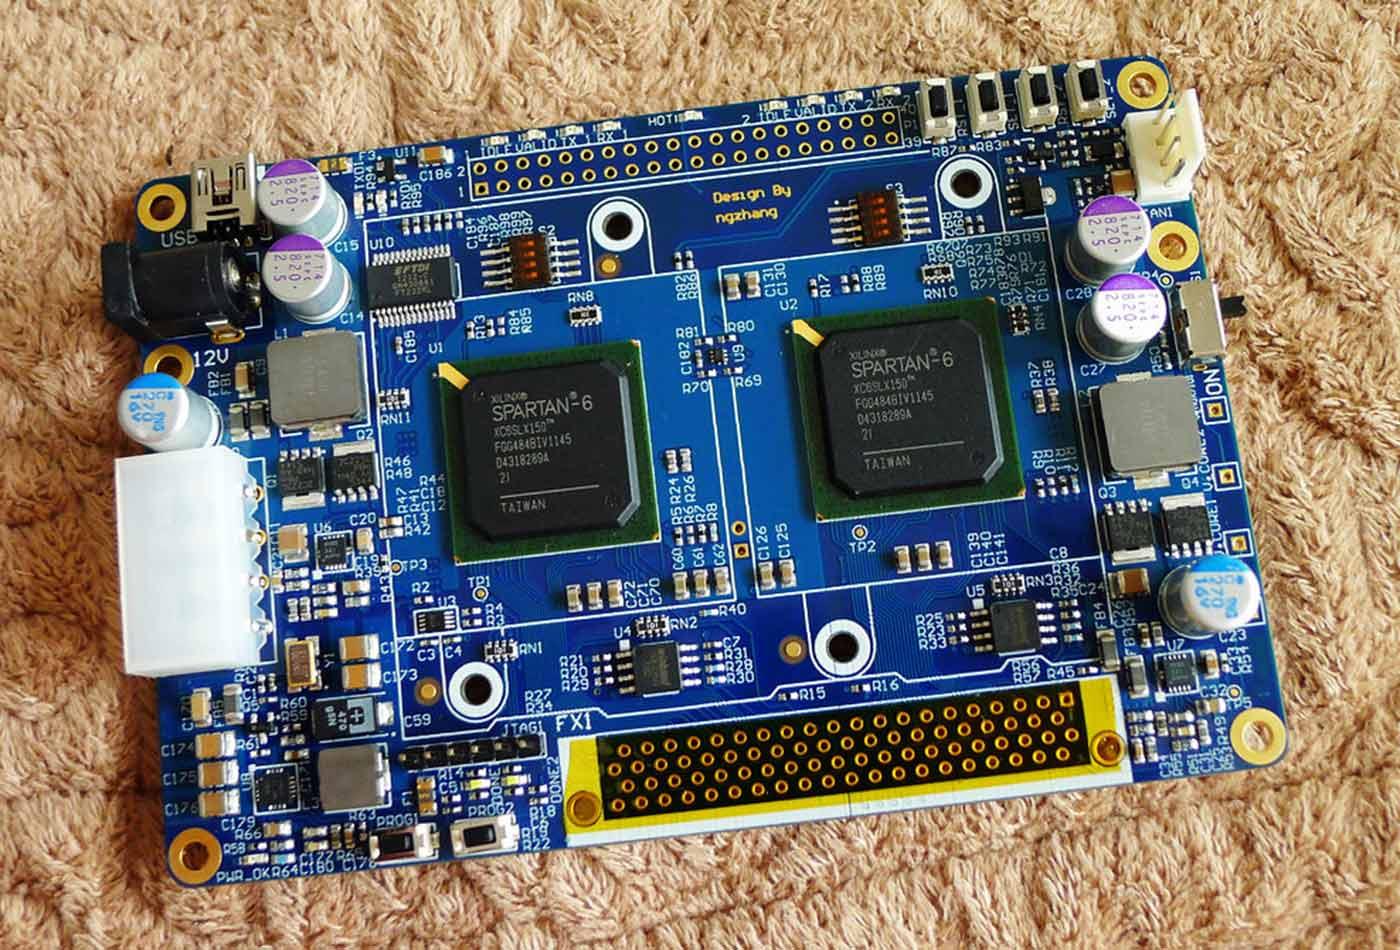 Lancelot, an FPGA-based bitcoin mining board.